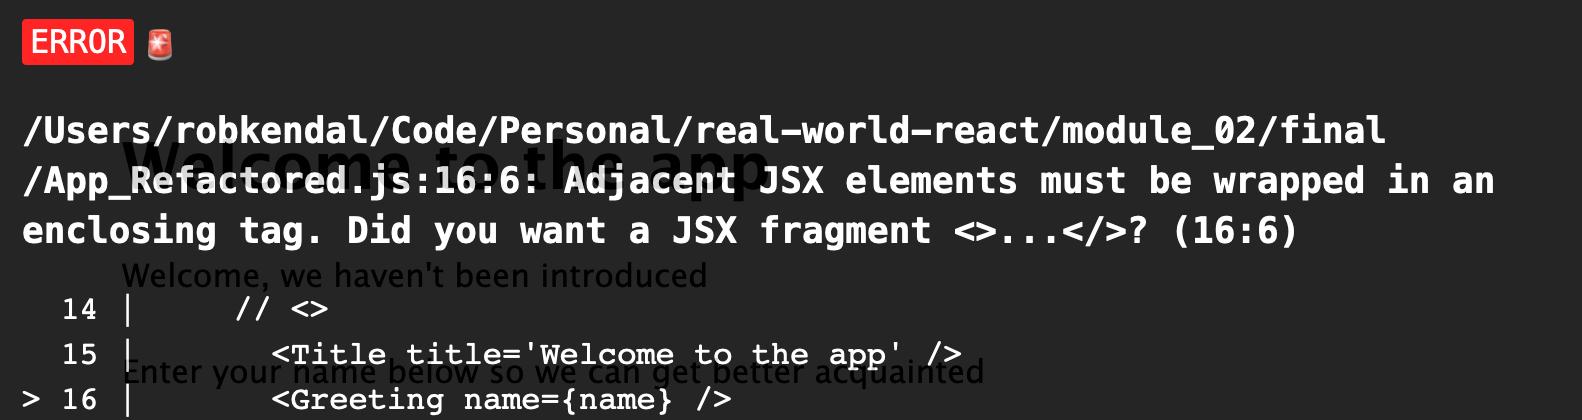 JSX error